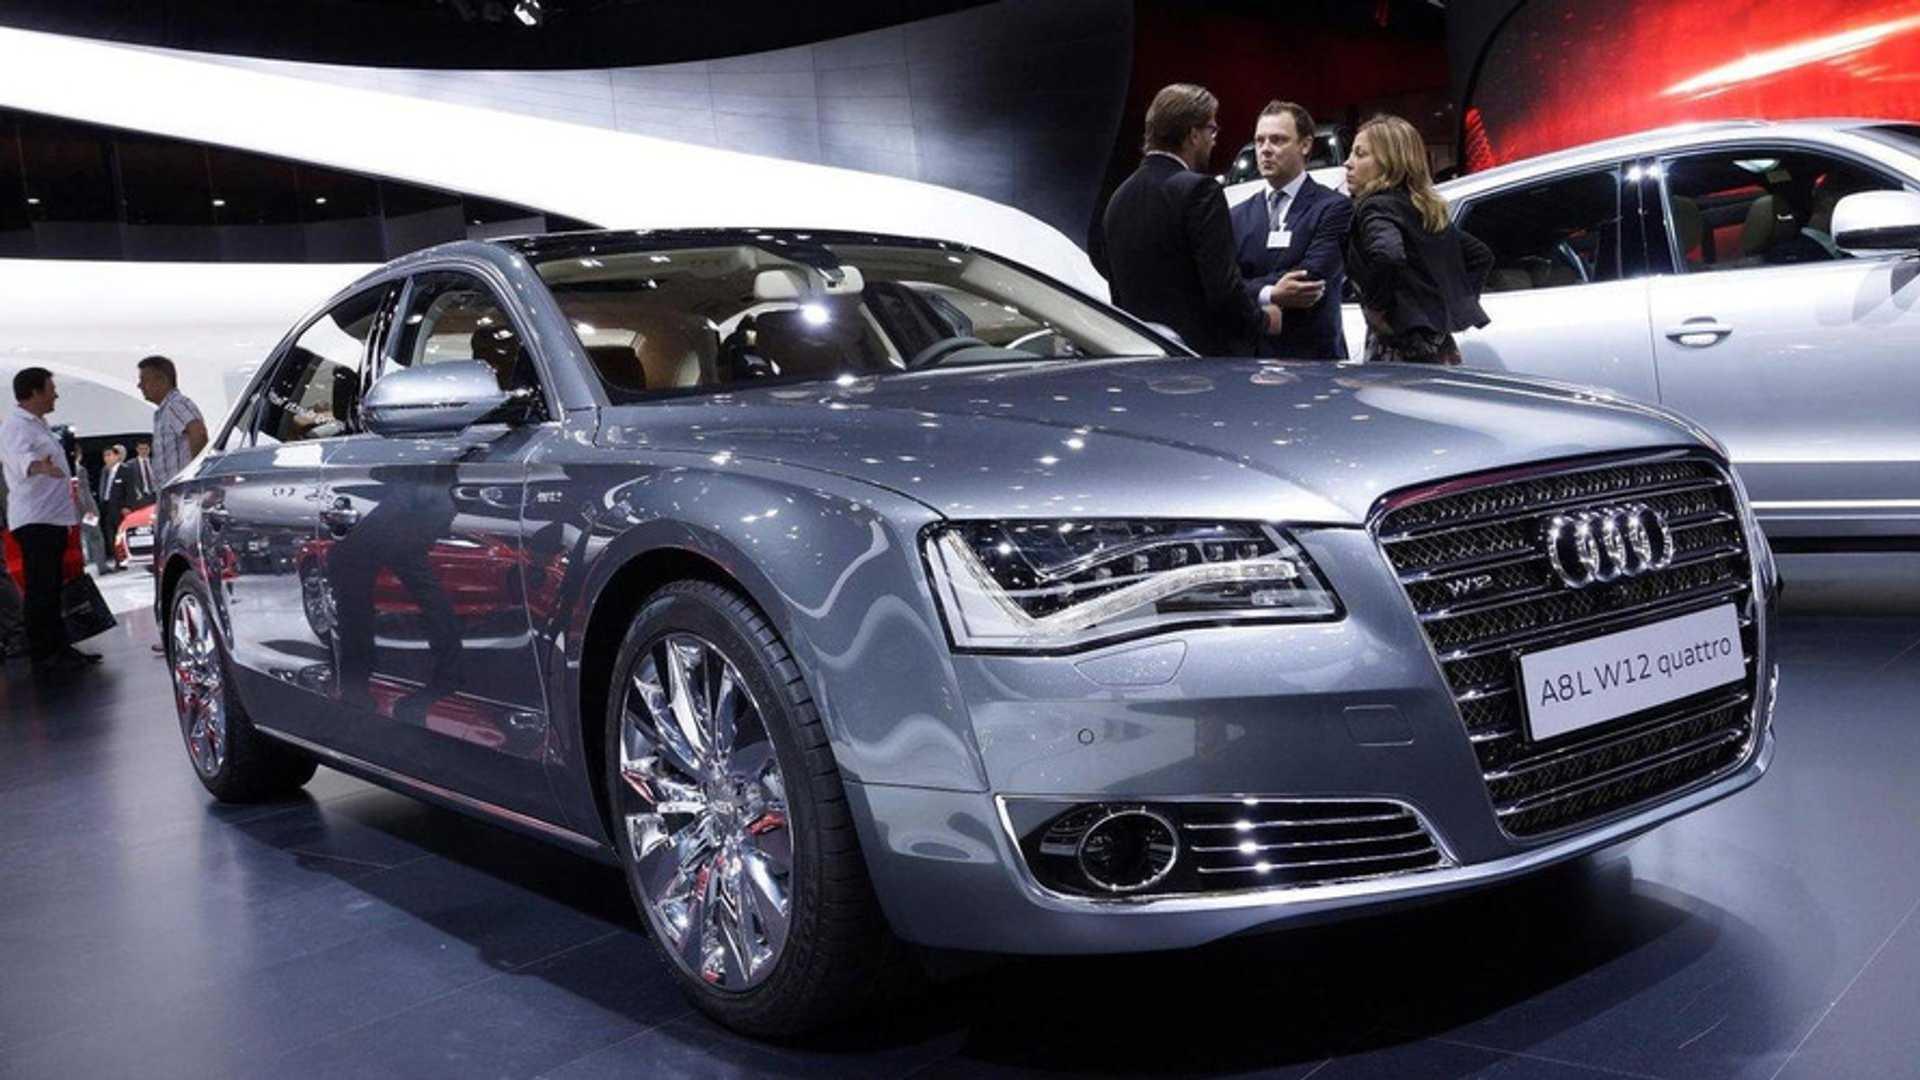 Kelebihan Audi A8L W12 Top Model Tahun Ini